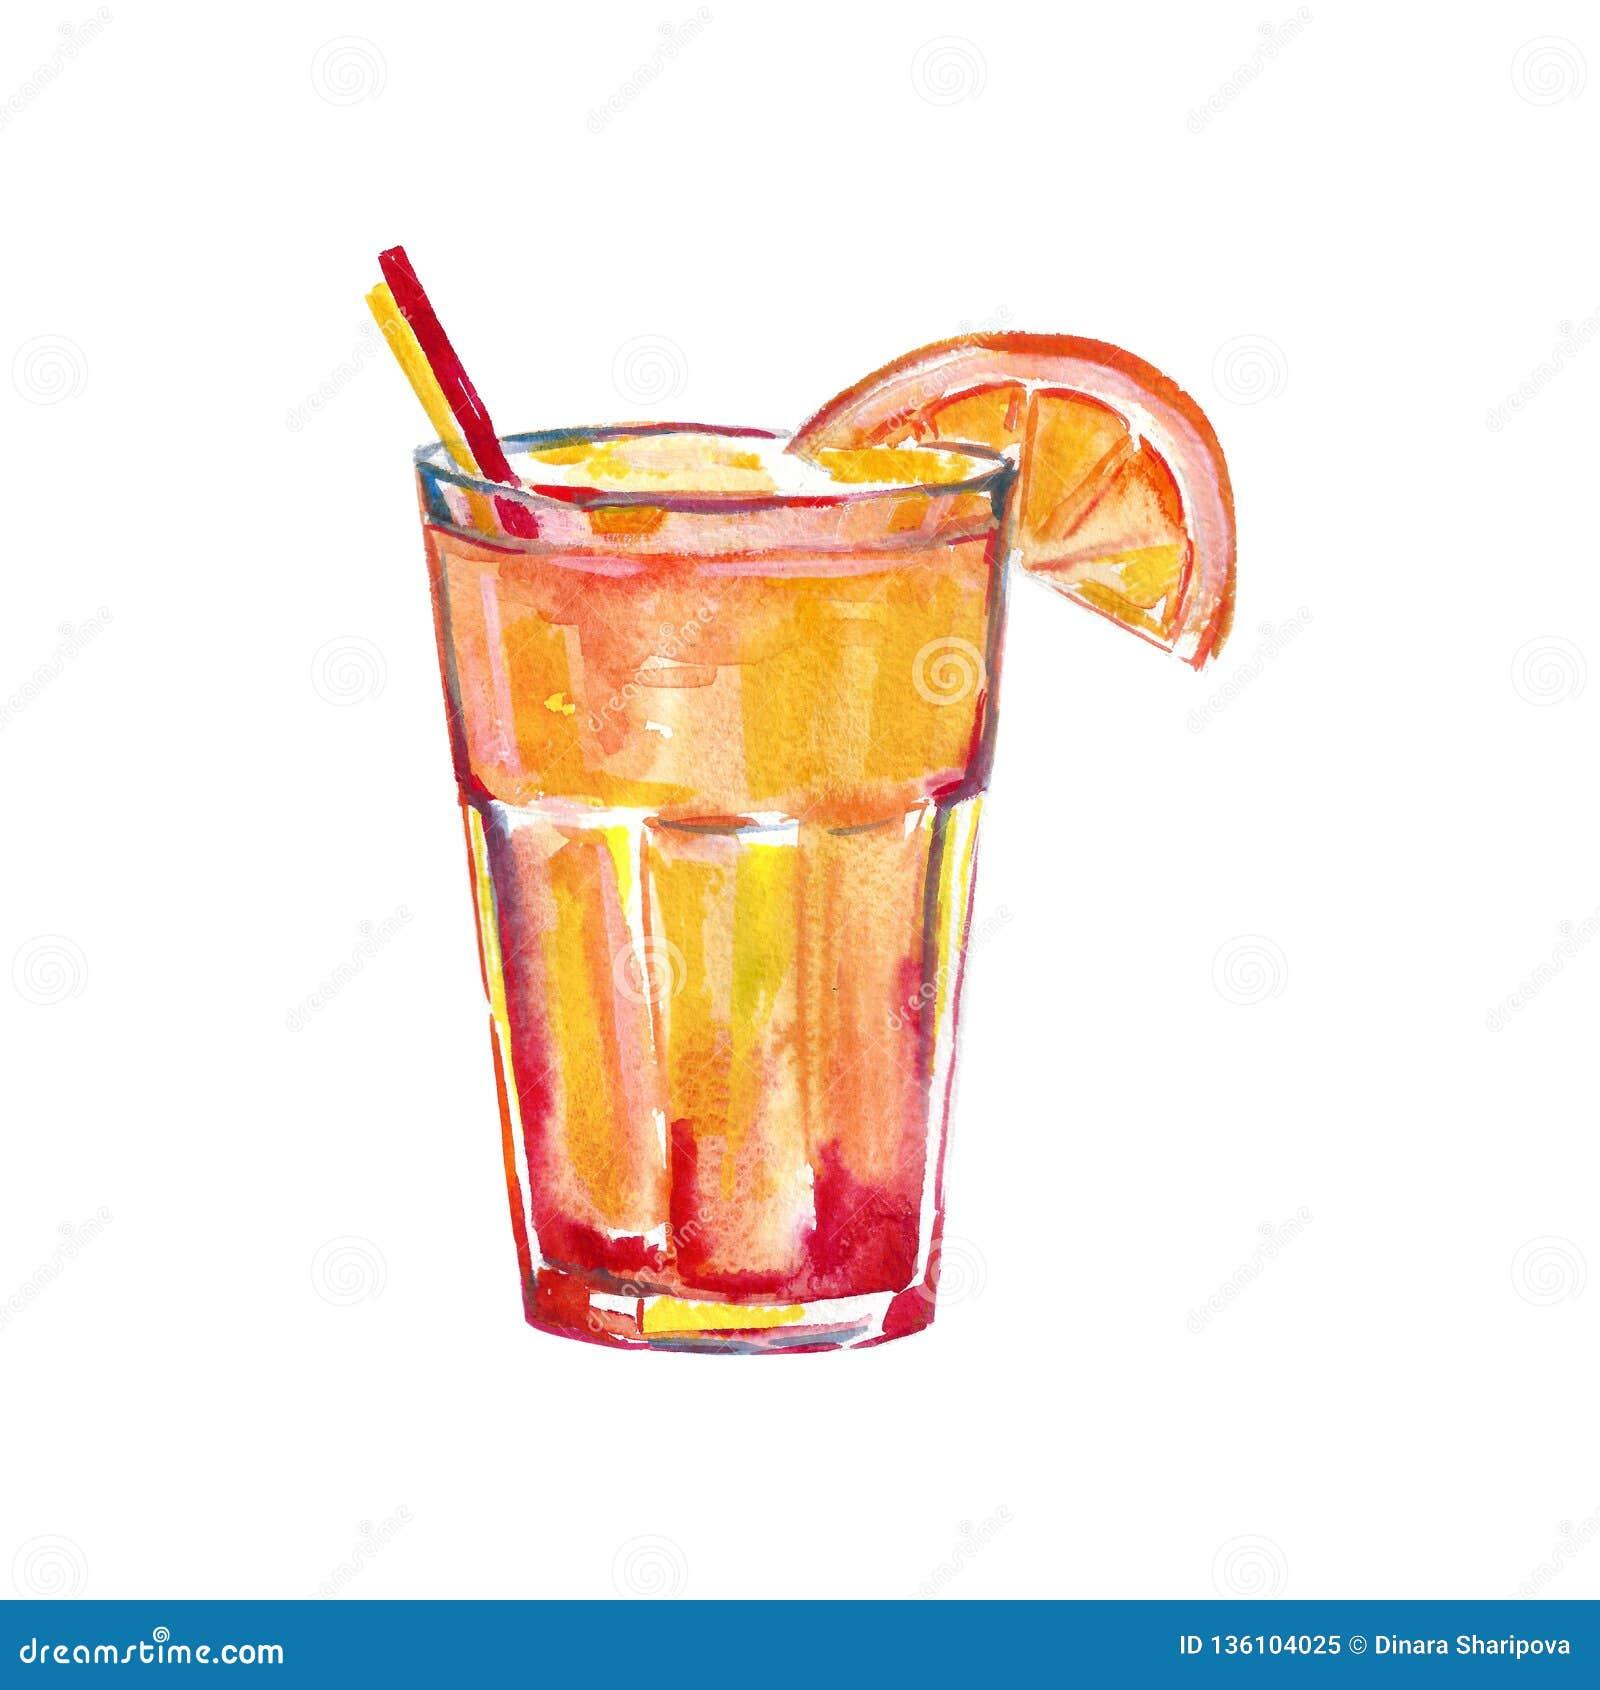 Секс на иллюстрации акварели пляжа, изображение коктейля для меню в баре